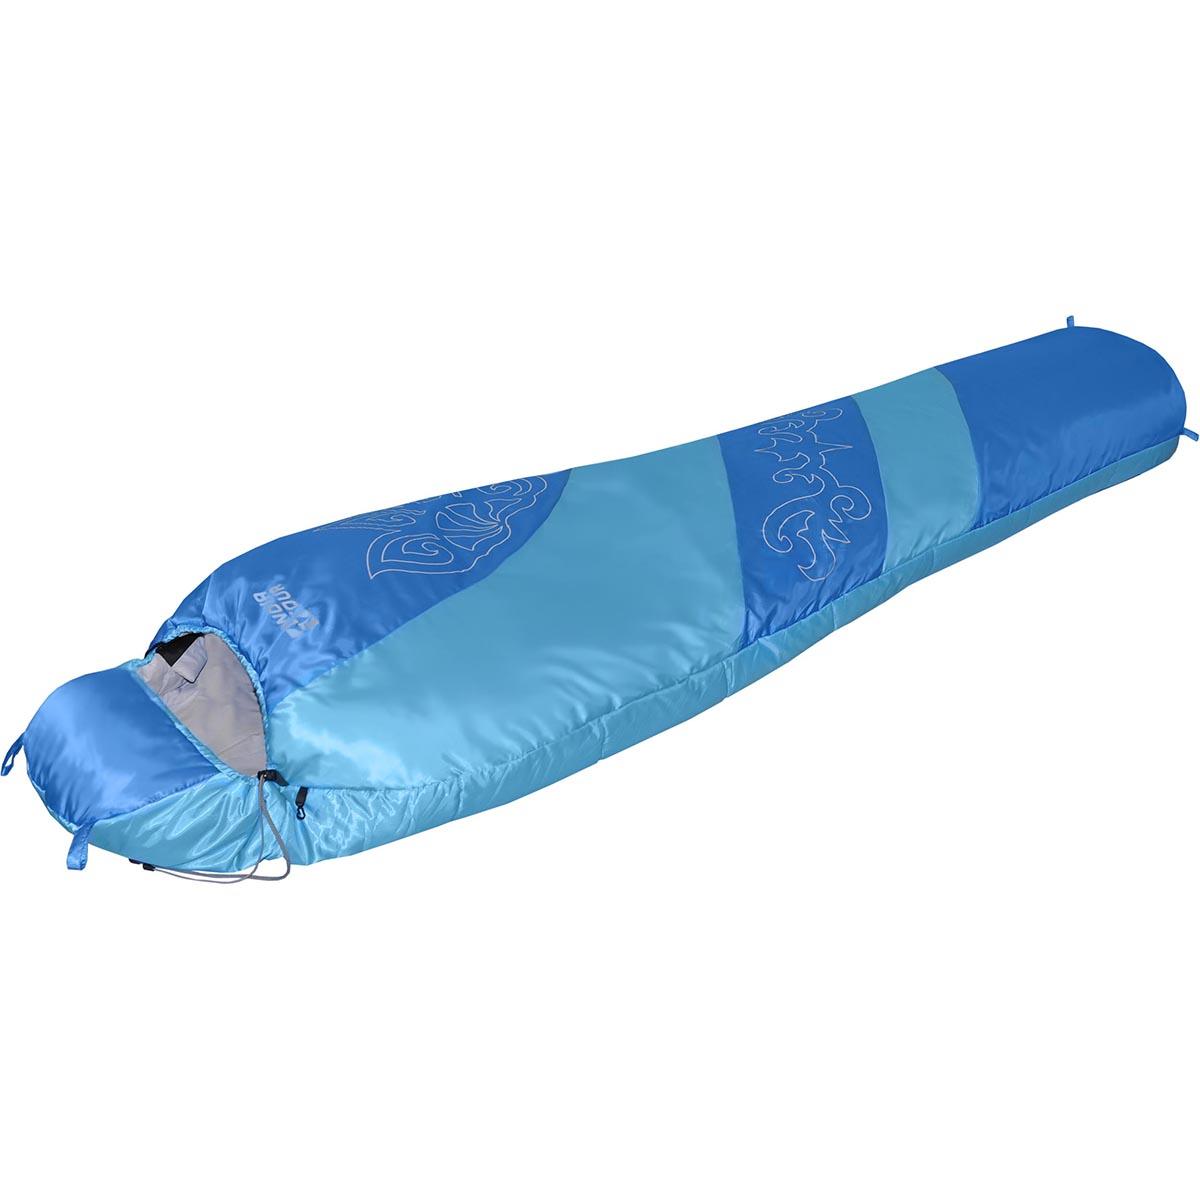 Мешок NOVA TOUR Сахалин 0 V2, цвет: голубой, синий, белый, правосторонняя молния95424-426-RightДемисезонный спальный мешок NOVA TOUR Сахалин 0 V2 имеет конструкцию кокон. Наполнитель выполнен из синтетического наполнителя - холлофайбера. Мешок оснащен утягивающимся капюшоном и двухзамковой утепленной молнией, позволяющей состегнуть левосторонний и правосторонний спальные мешки в один двойной. Компрессионный чехол в комплекте. Компрессионный чехол в комплекте. Длина мешка: 220 см.